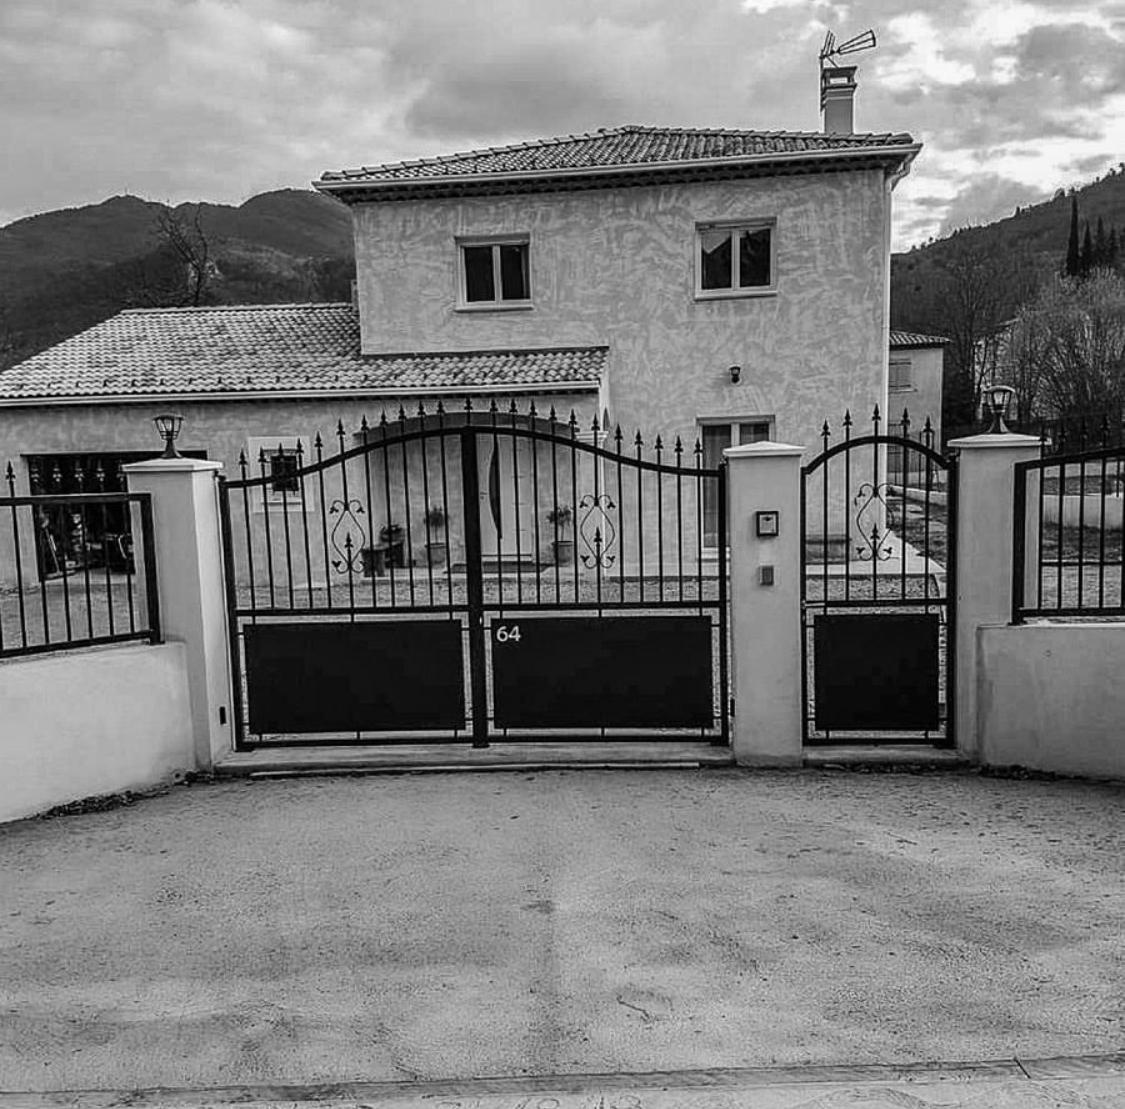 maison avec un portail